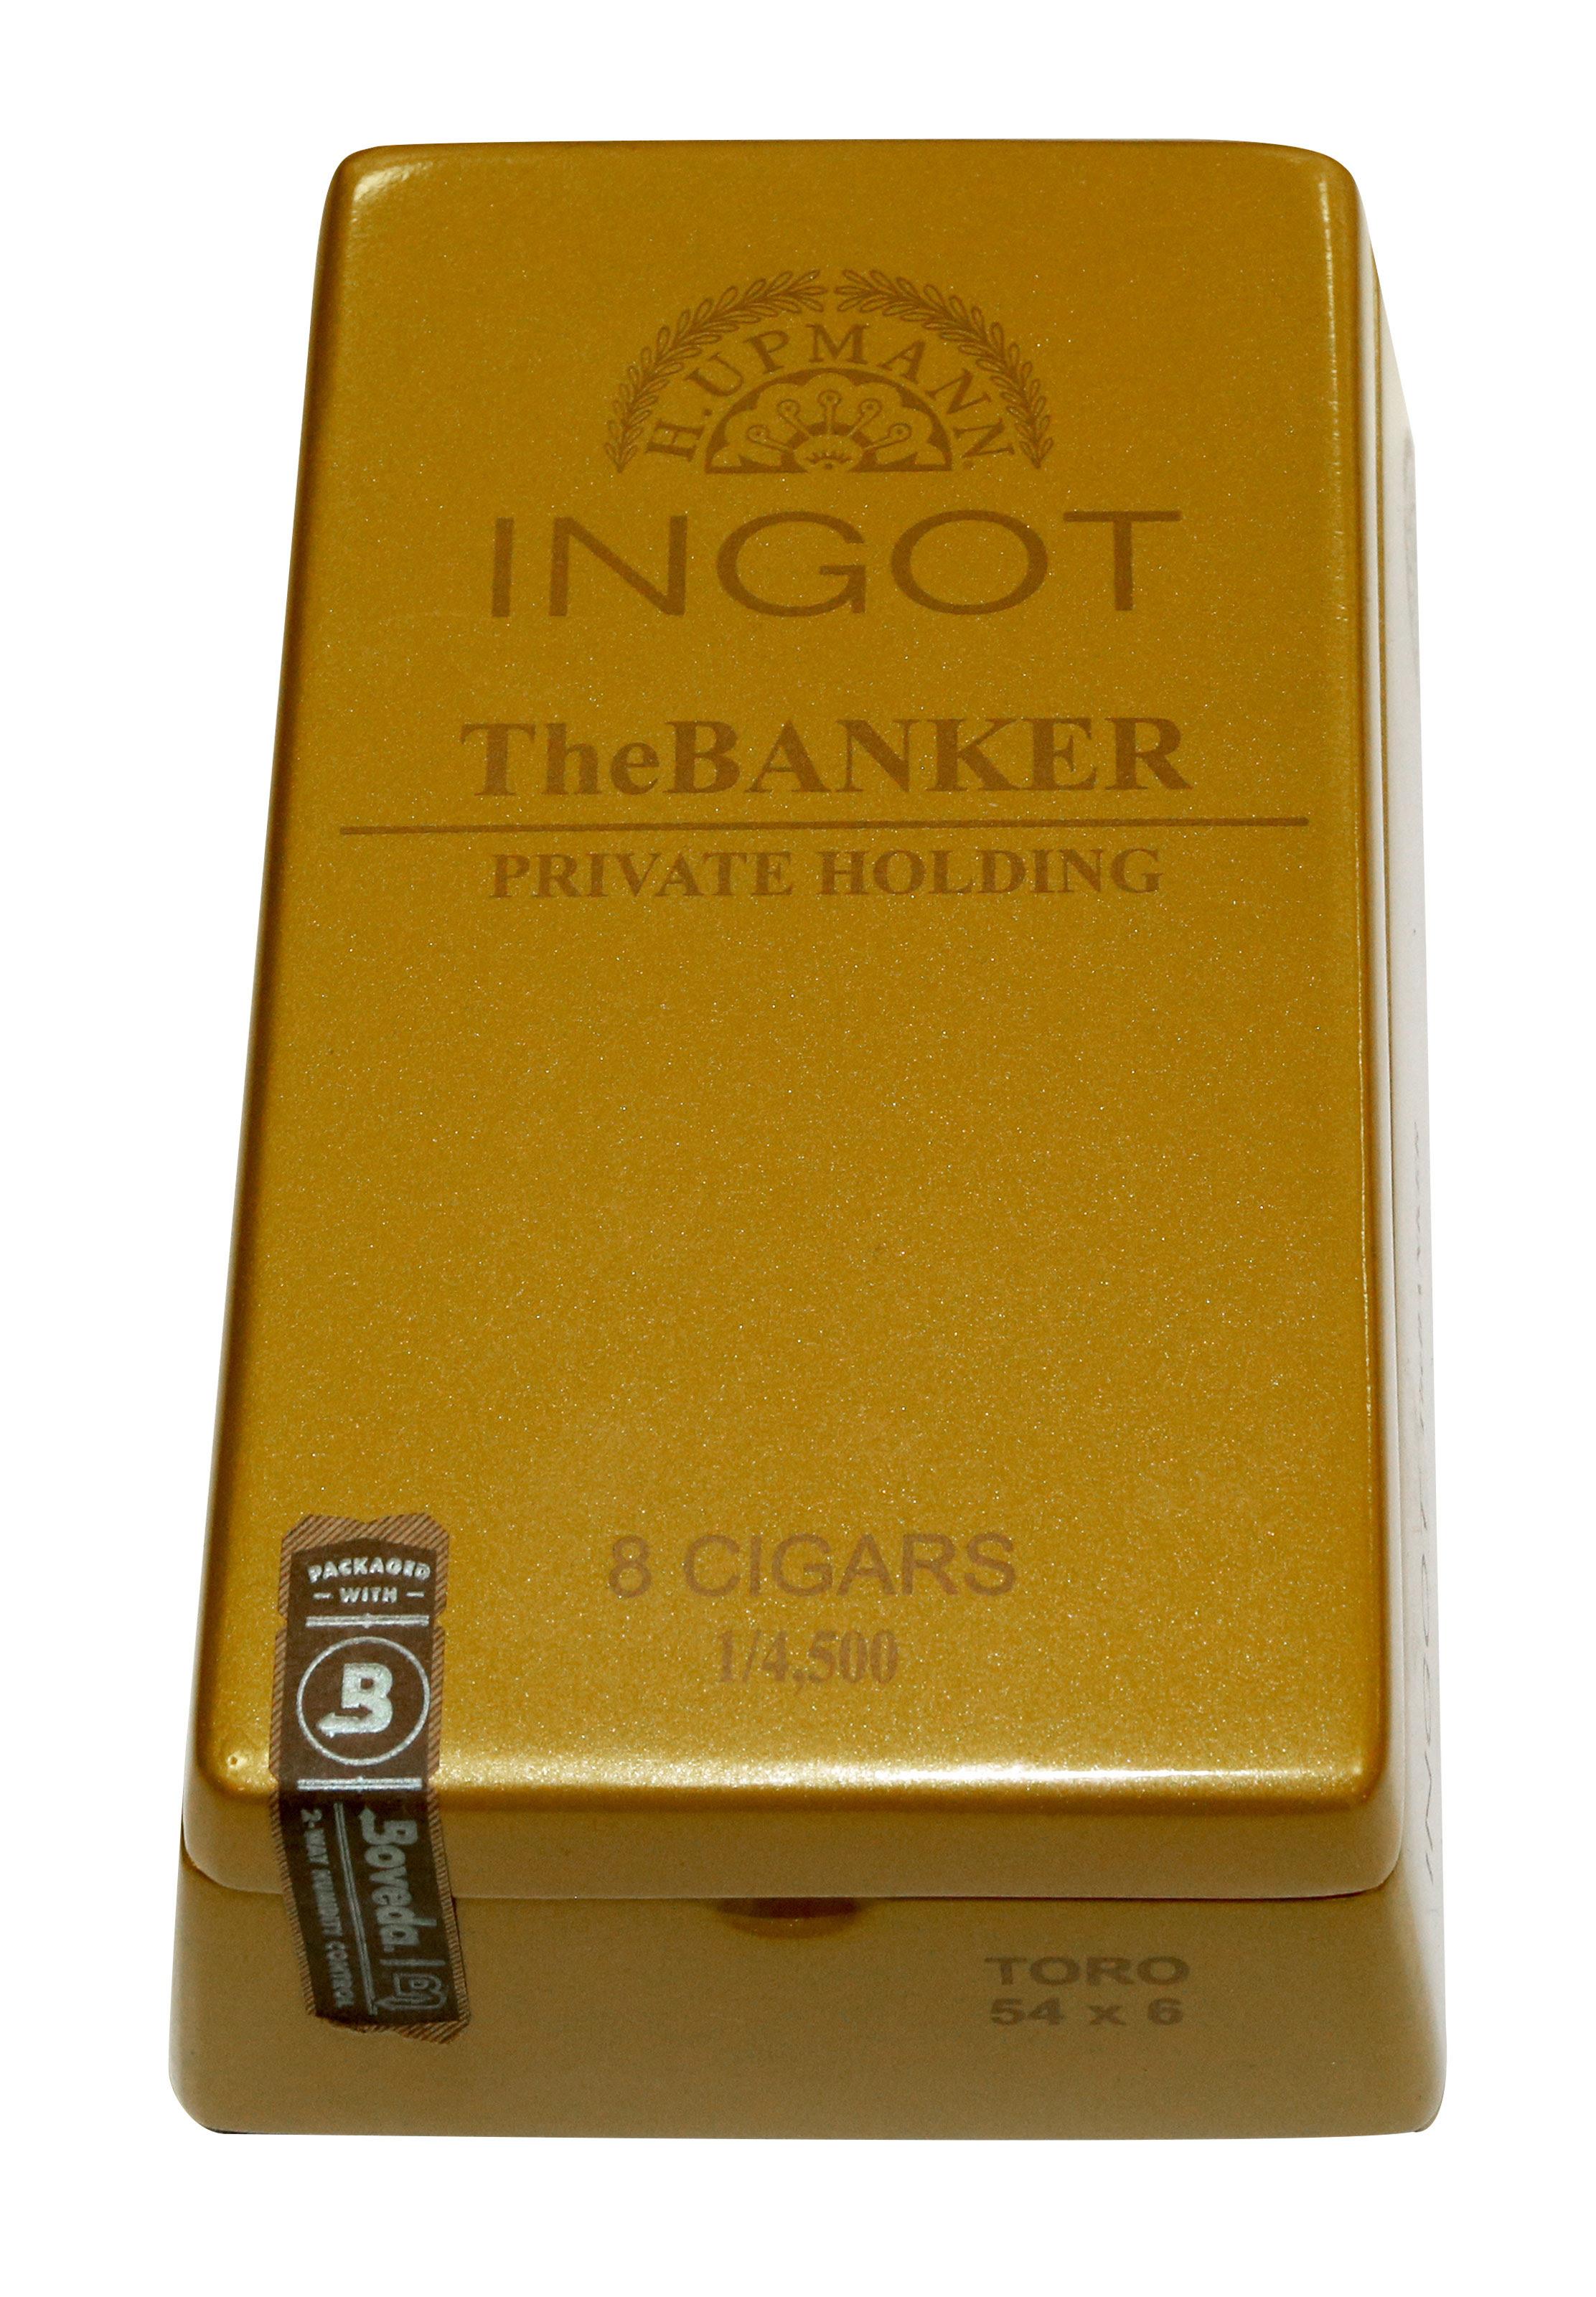 H.Upmann_Ingot_TheBANKER_Private_Holding